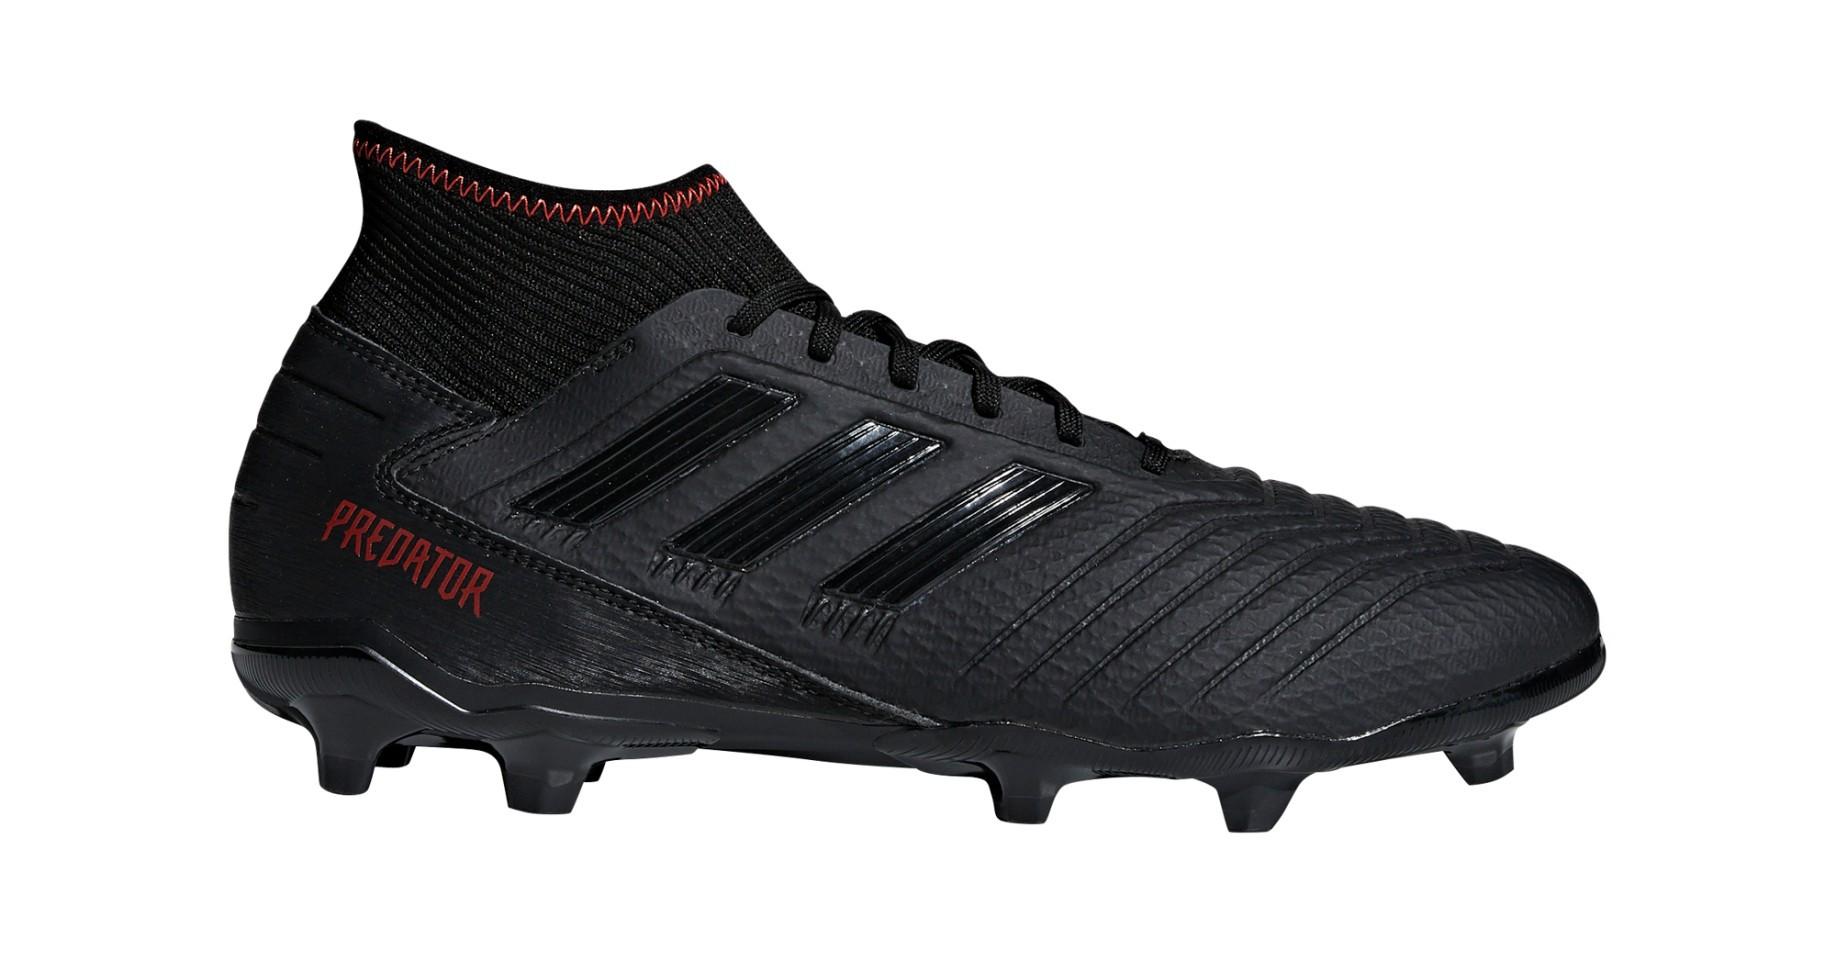 b230f8c70f Botas de fútbol Adidas Predator 19.3 FG Archetic Pack colore negro - Adidas  - SportIT.com